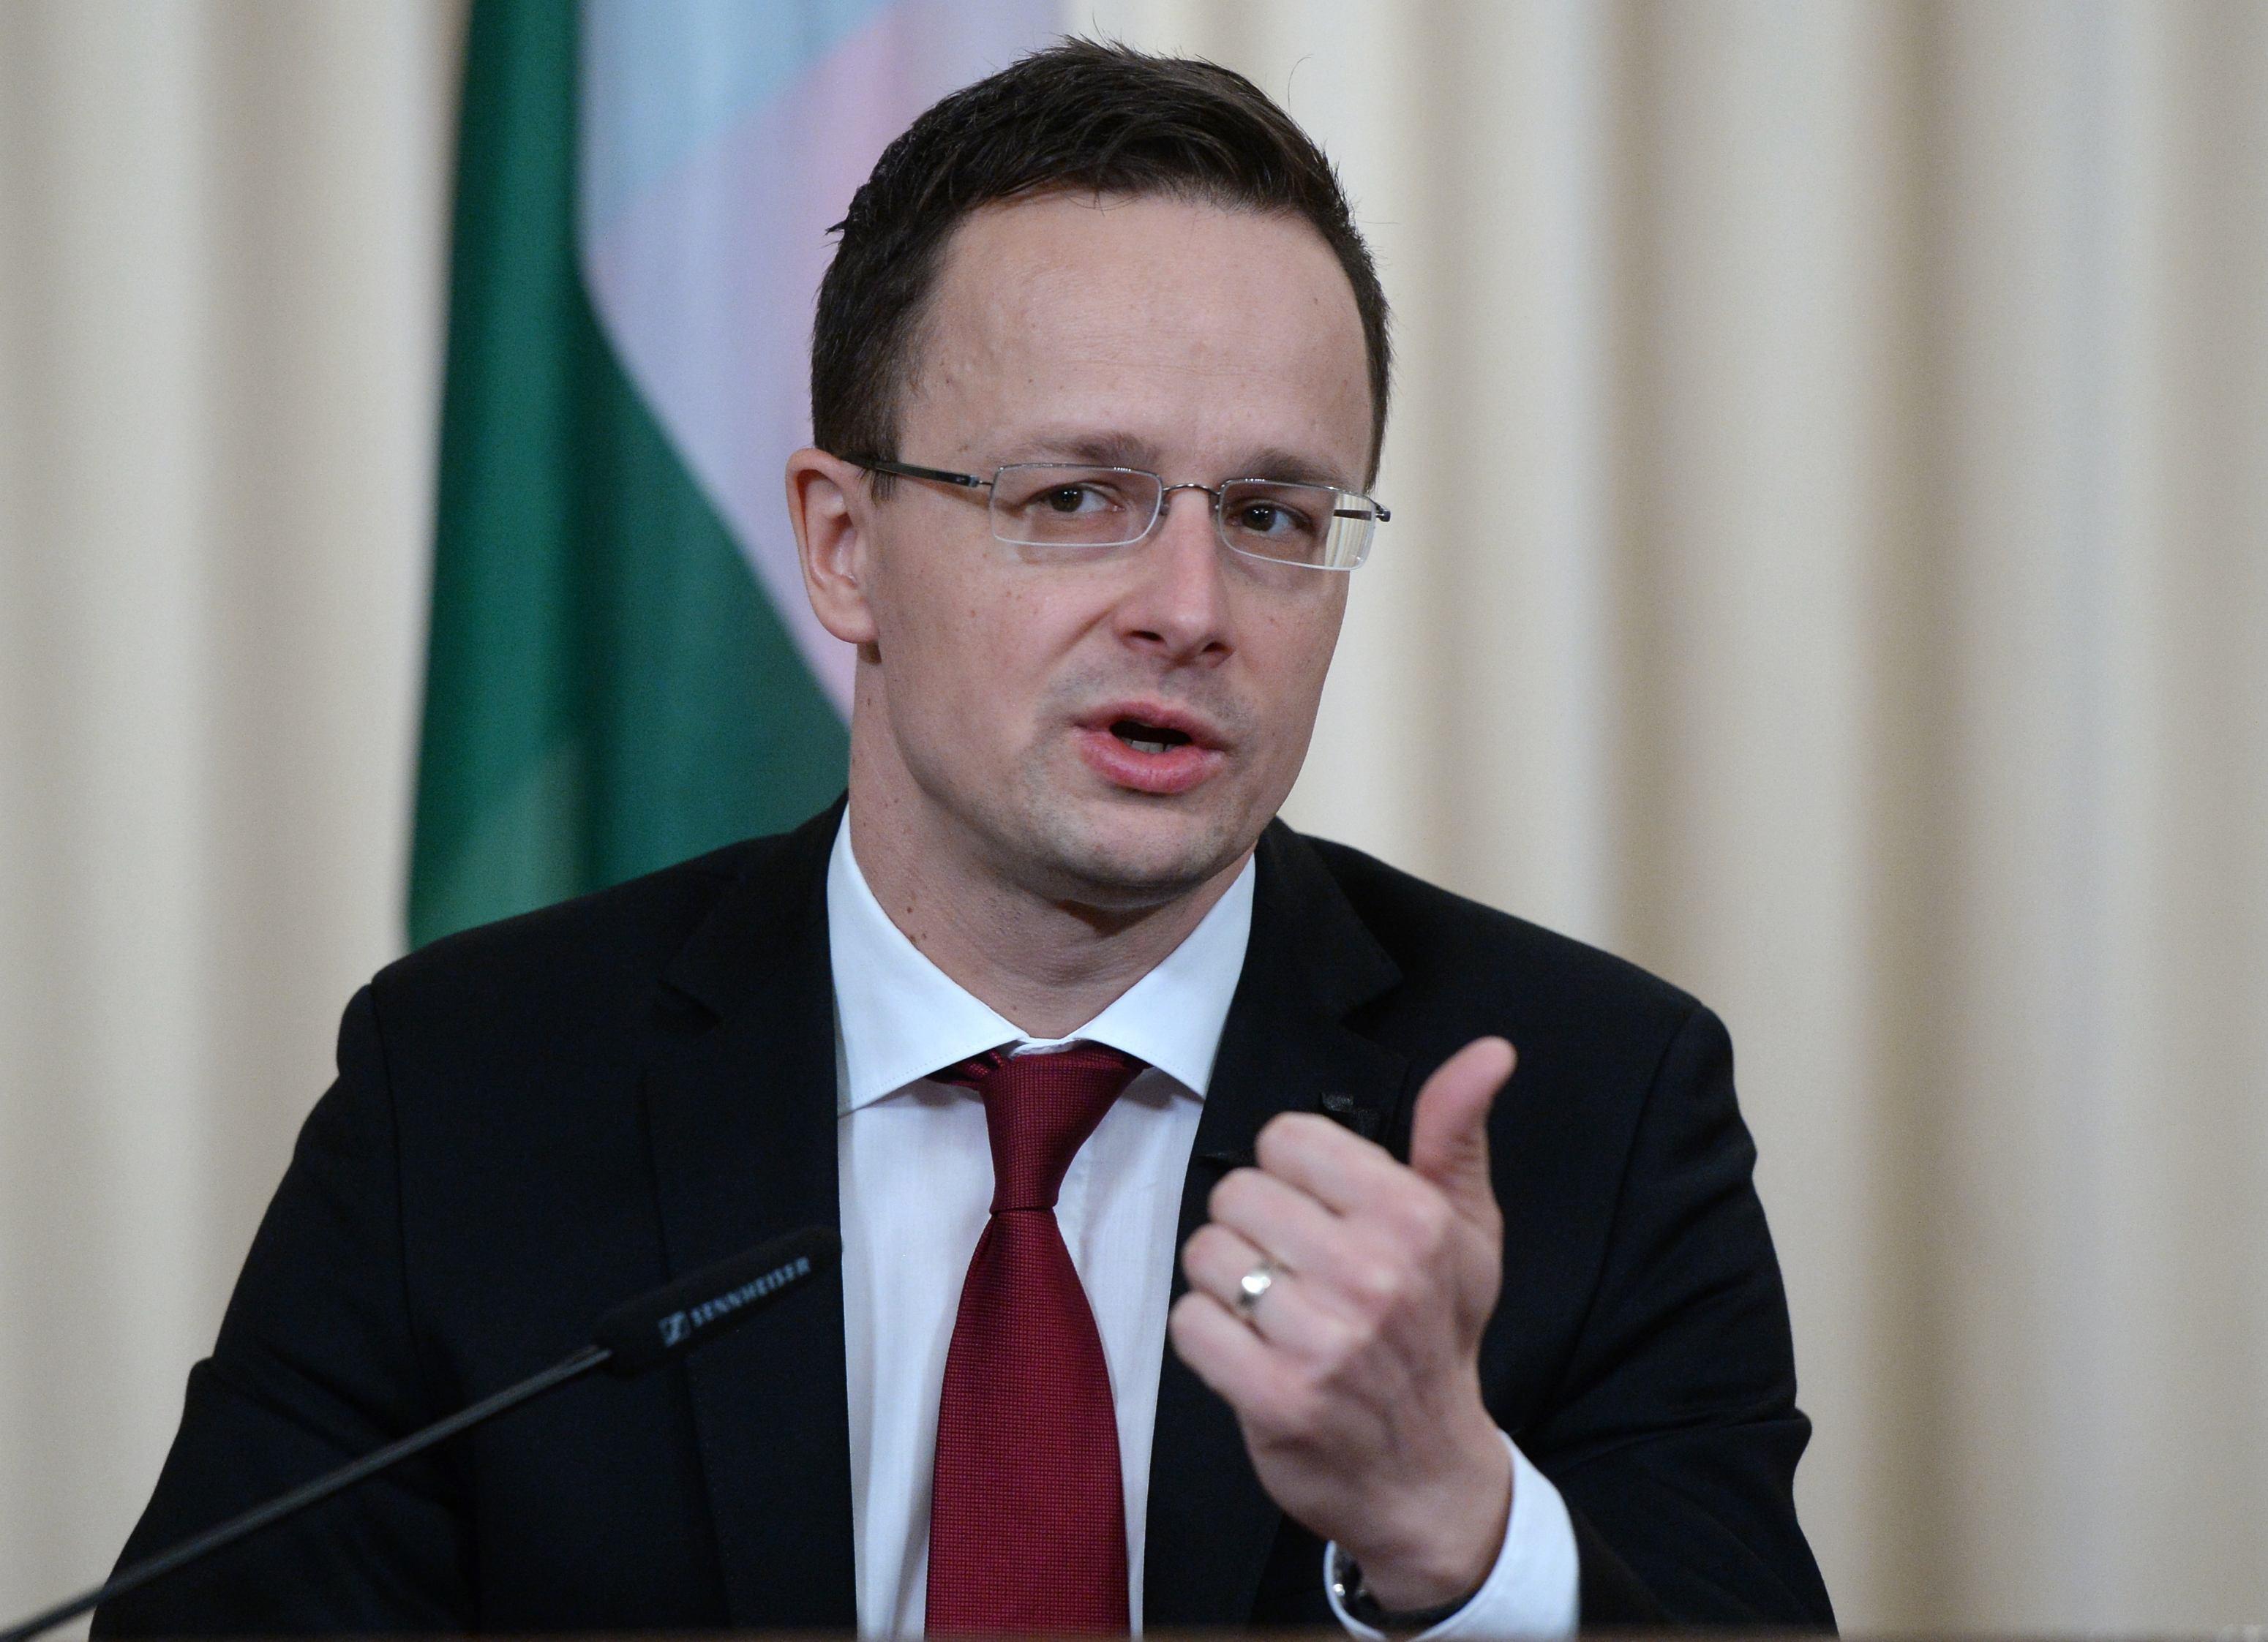 Peter Szijjarto susţine că SUA încearcă să se implice în afacerile interne ale Ungariei